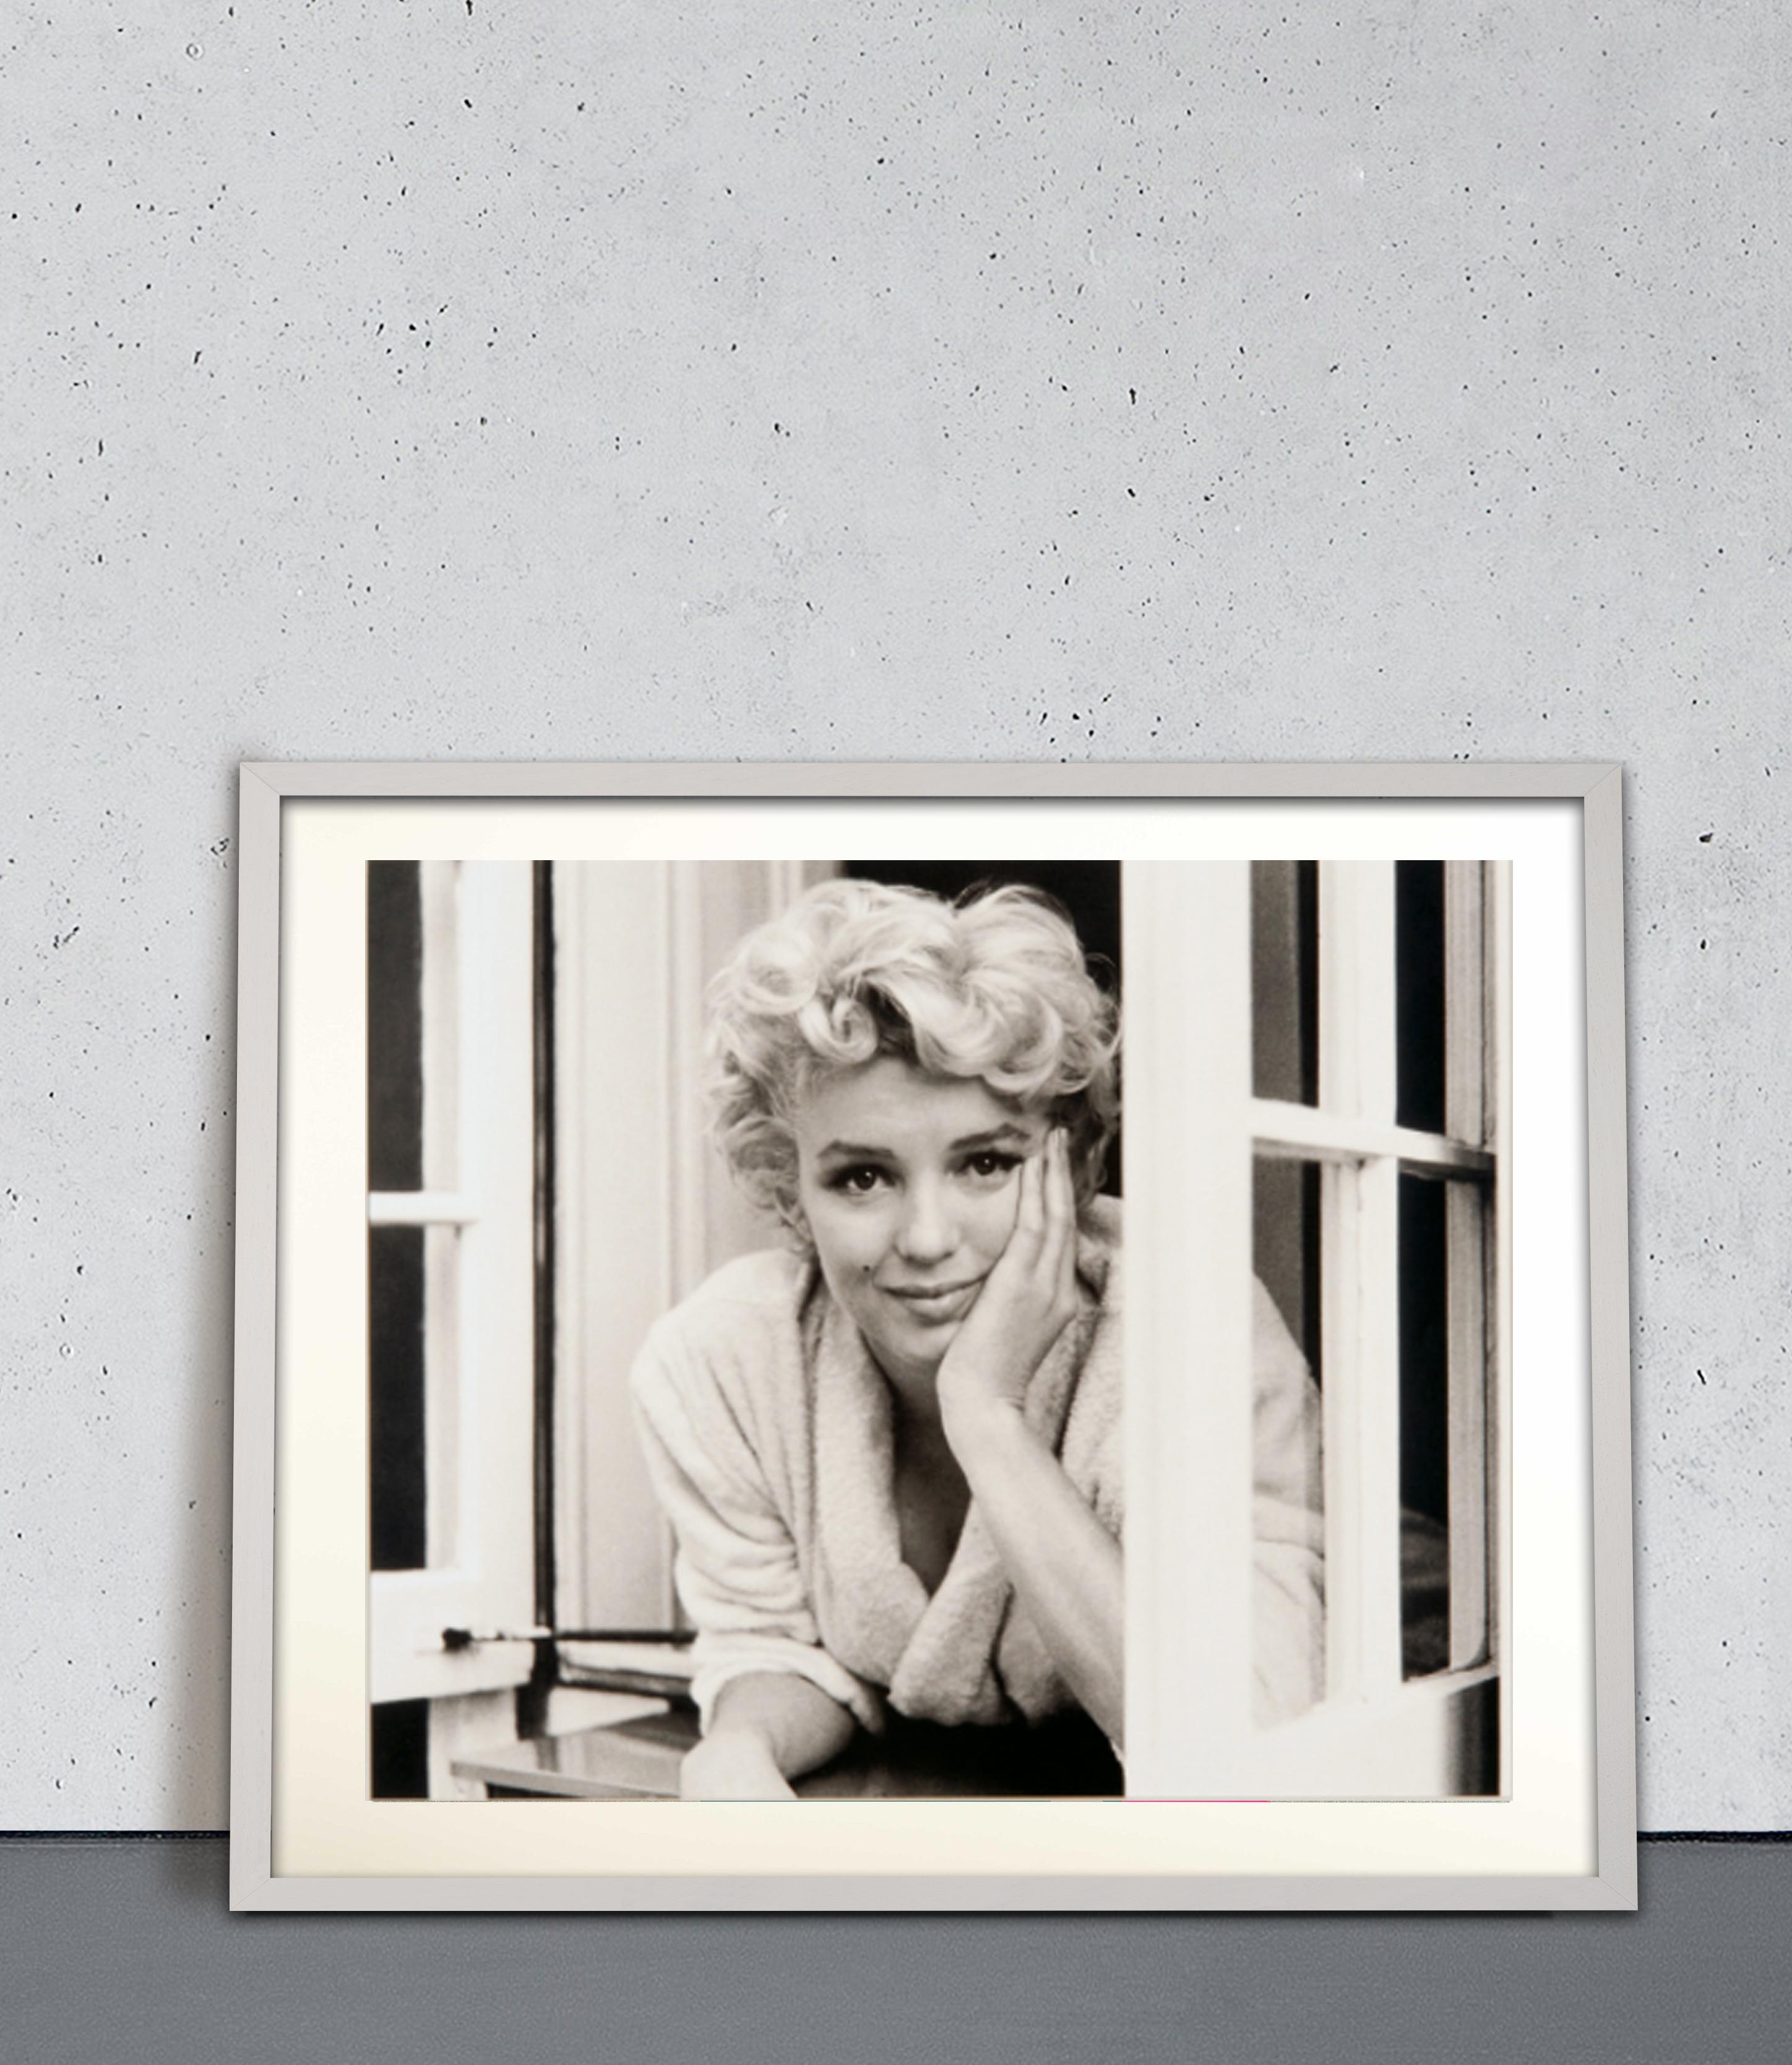 Marilyn am Fenster I, 2012